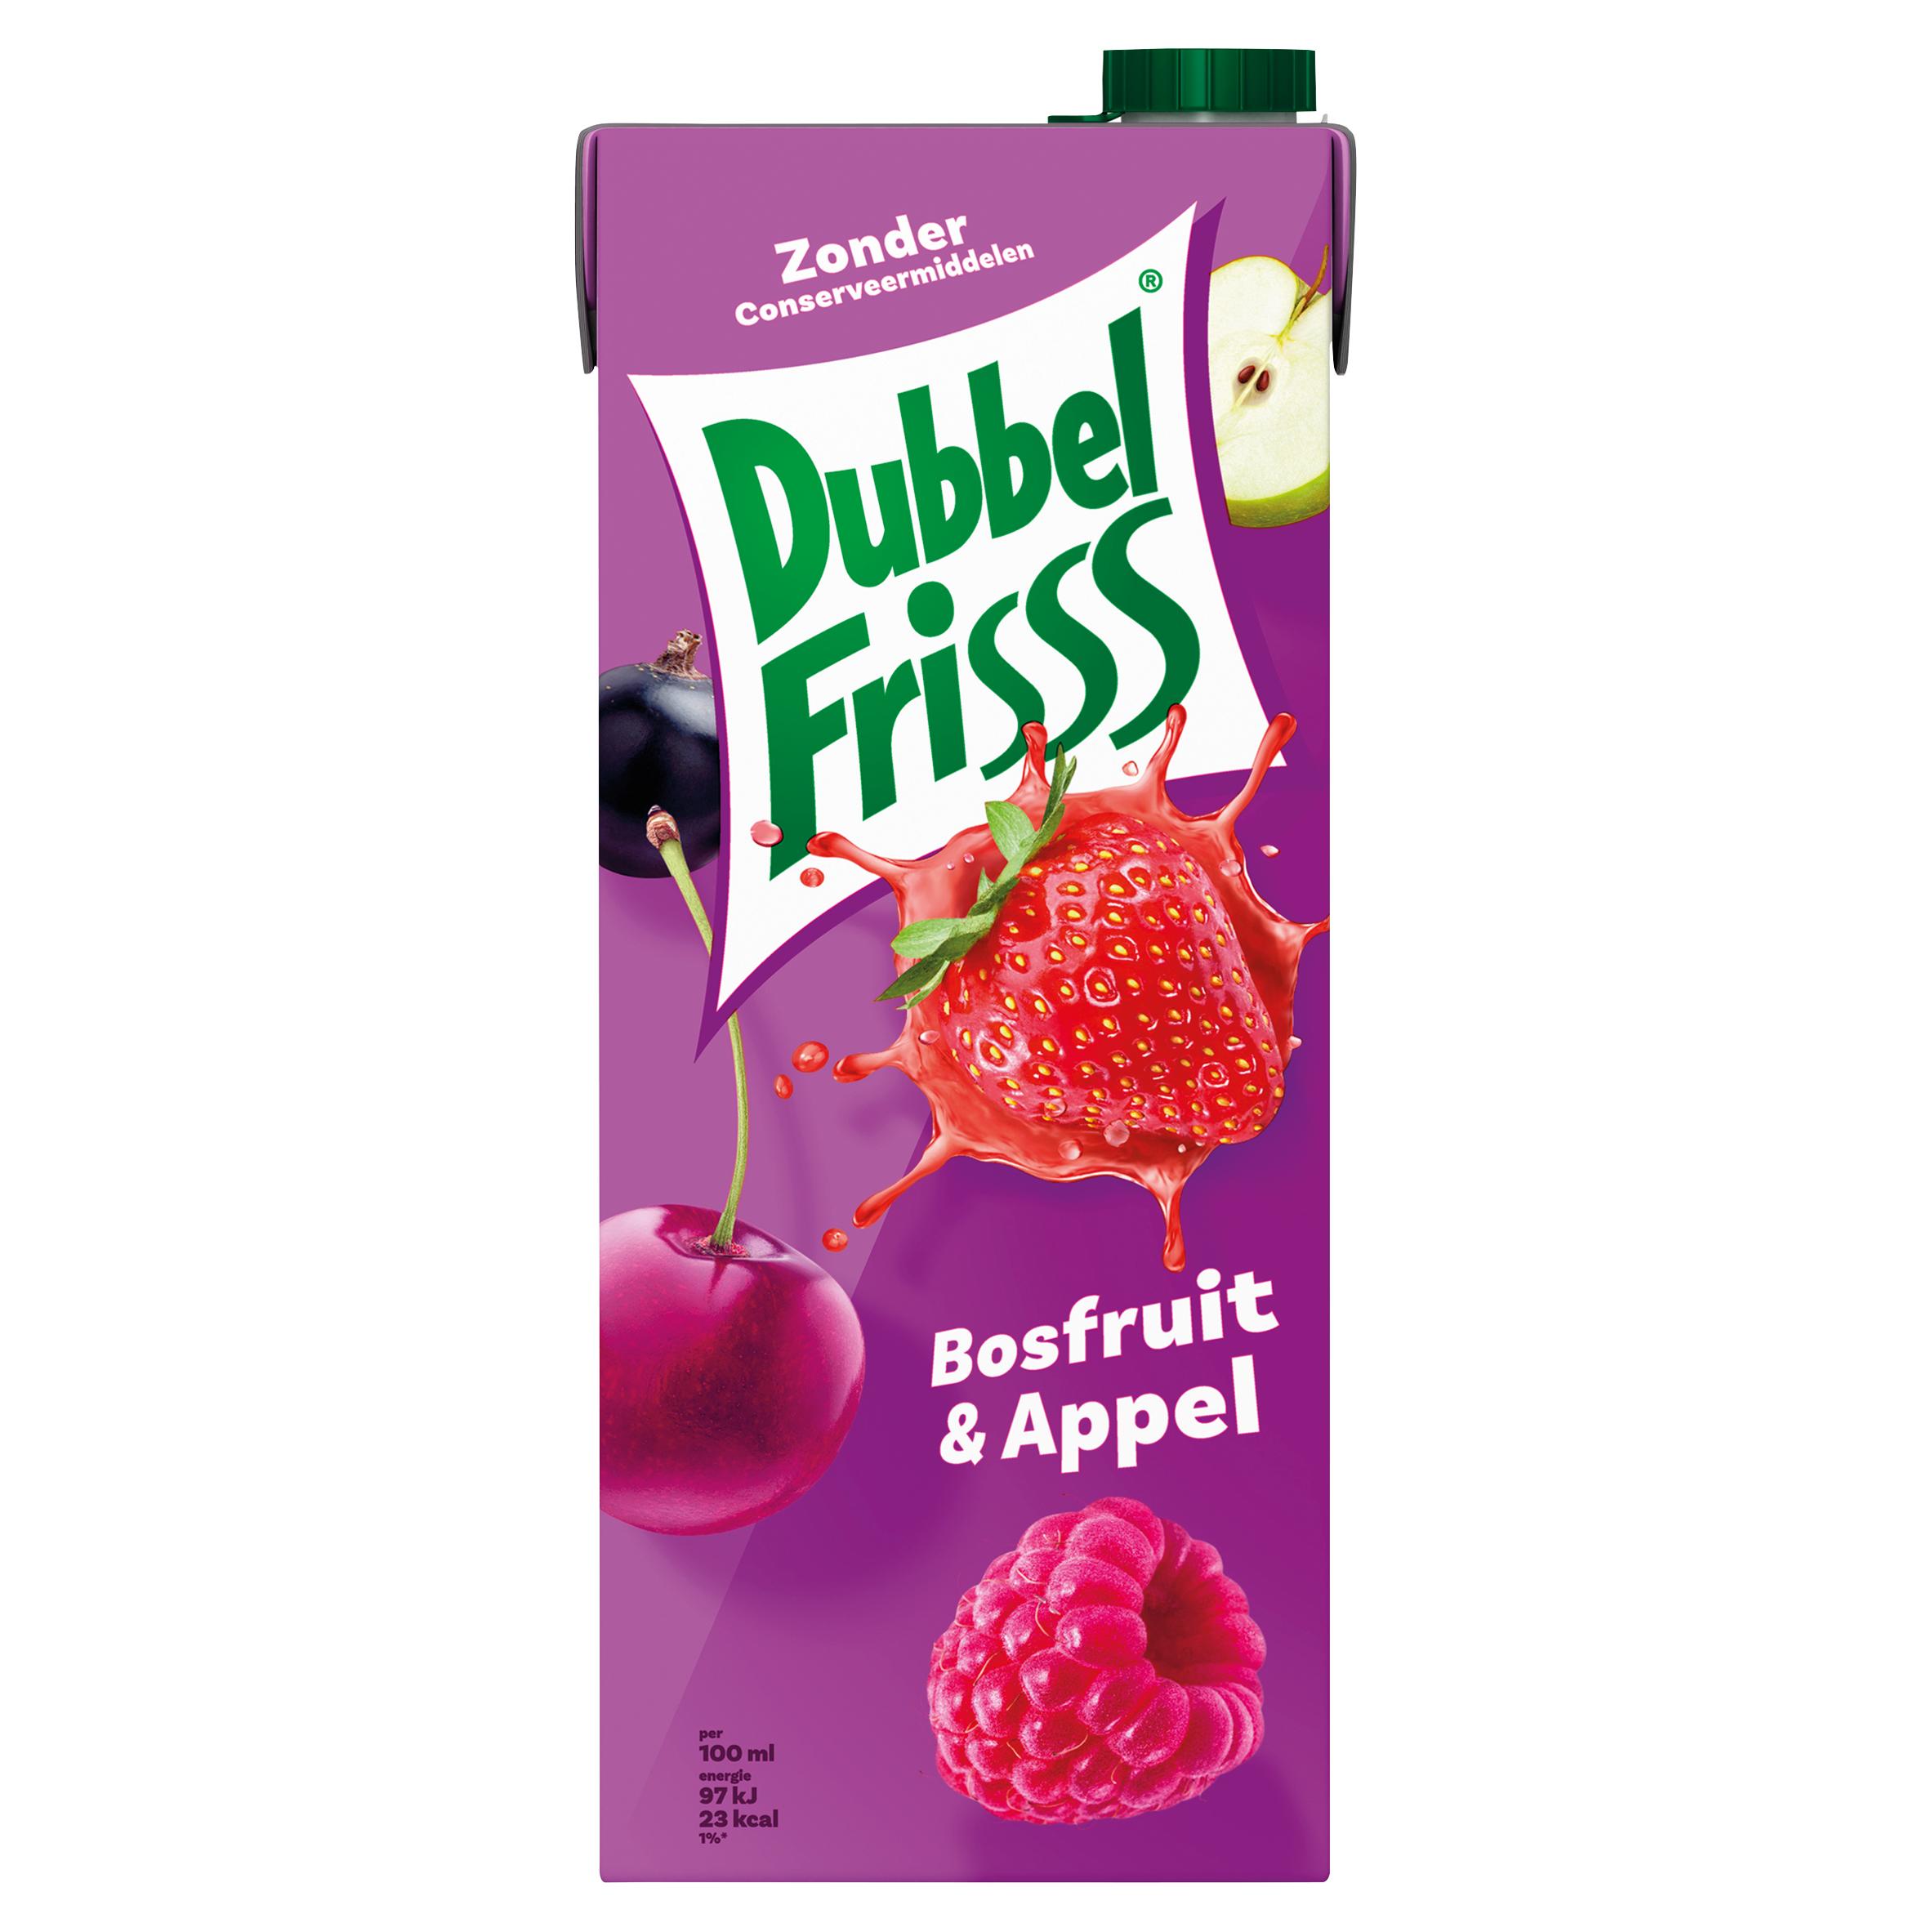 DubbelFrisss Bosfruit & Appel 1,5 L